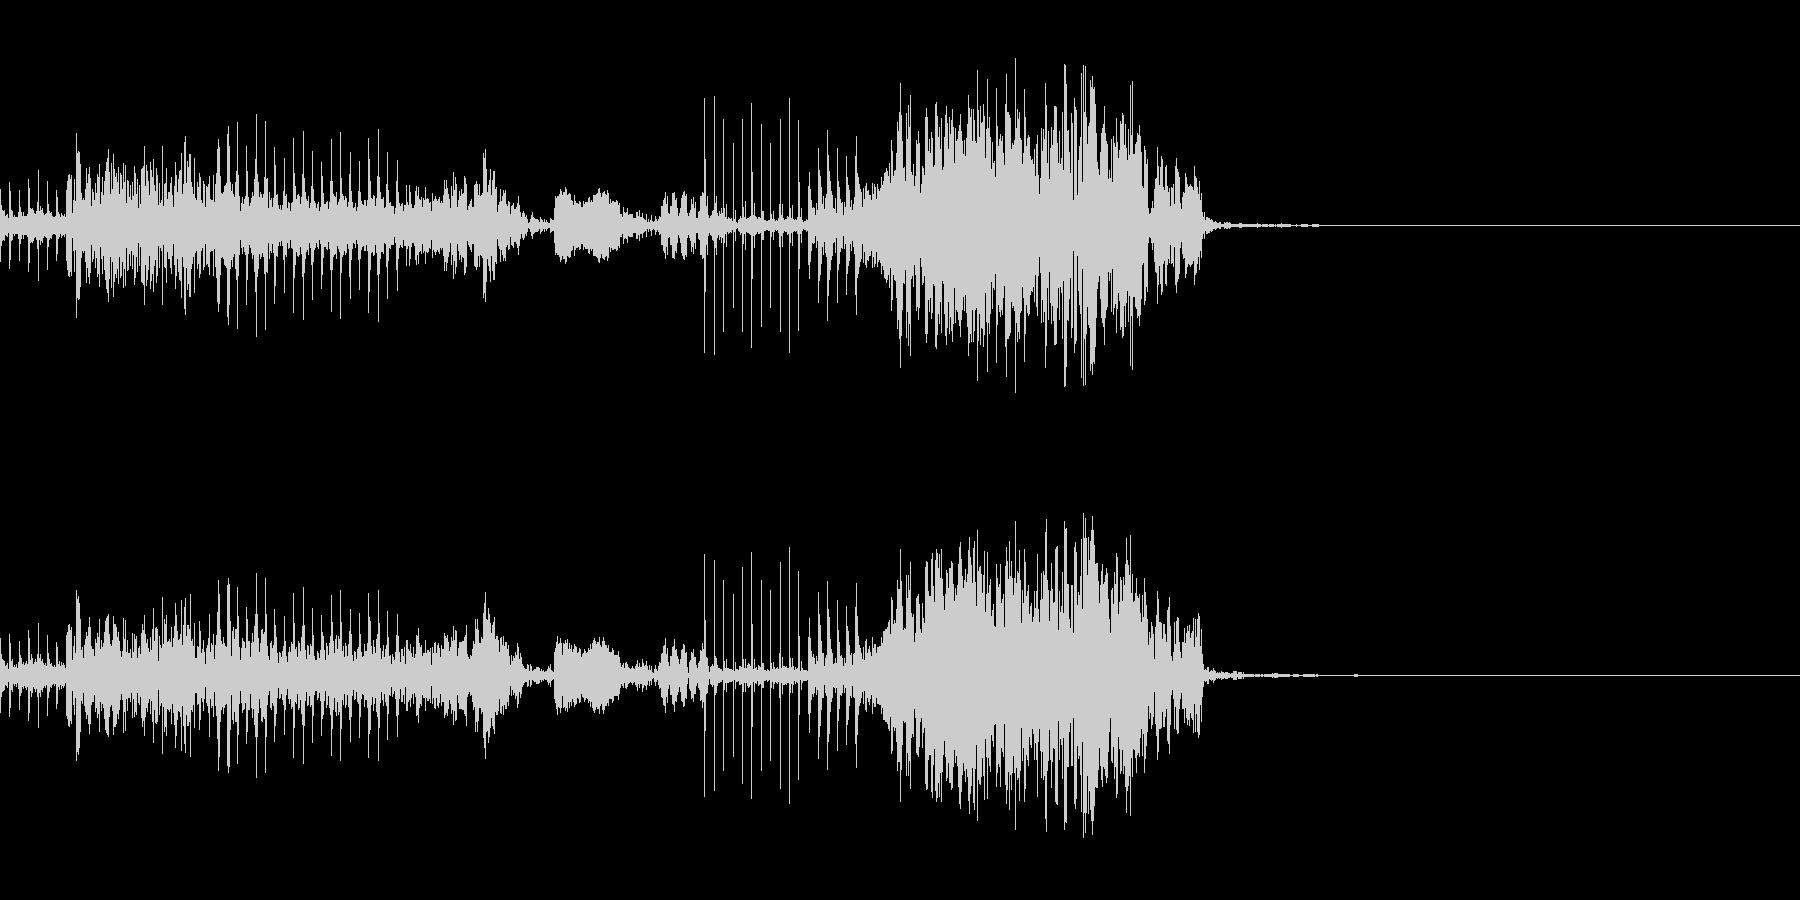 壊れたマシーンの起動音の未再生の波形